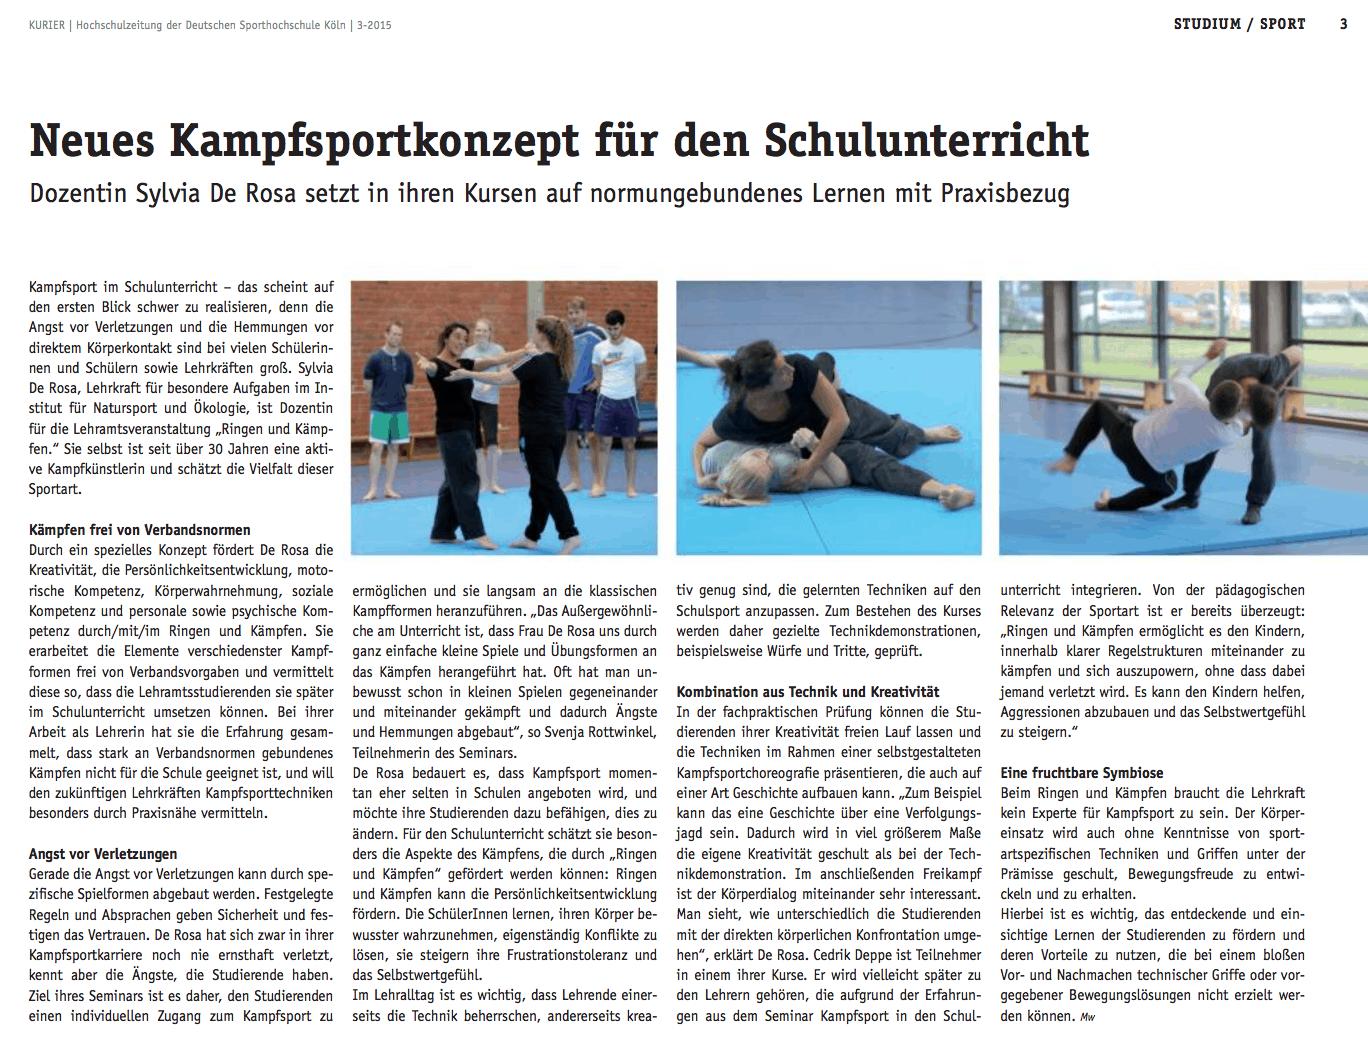 Neues Kampfsportkonzept für den Schulunterricht